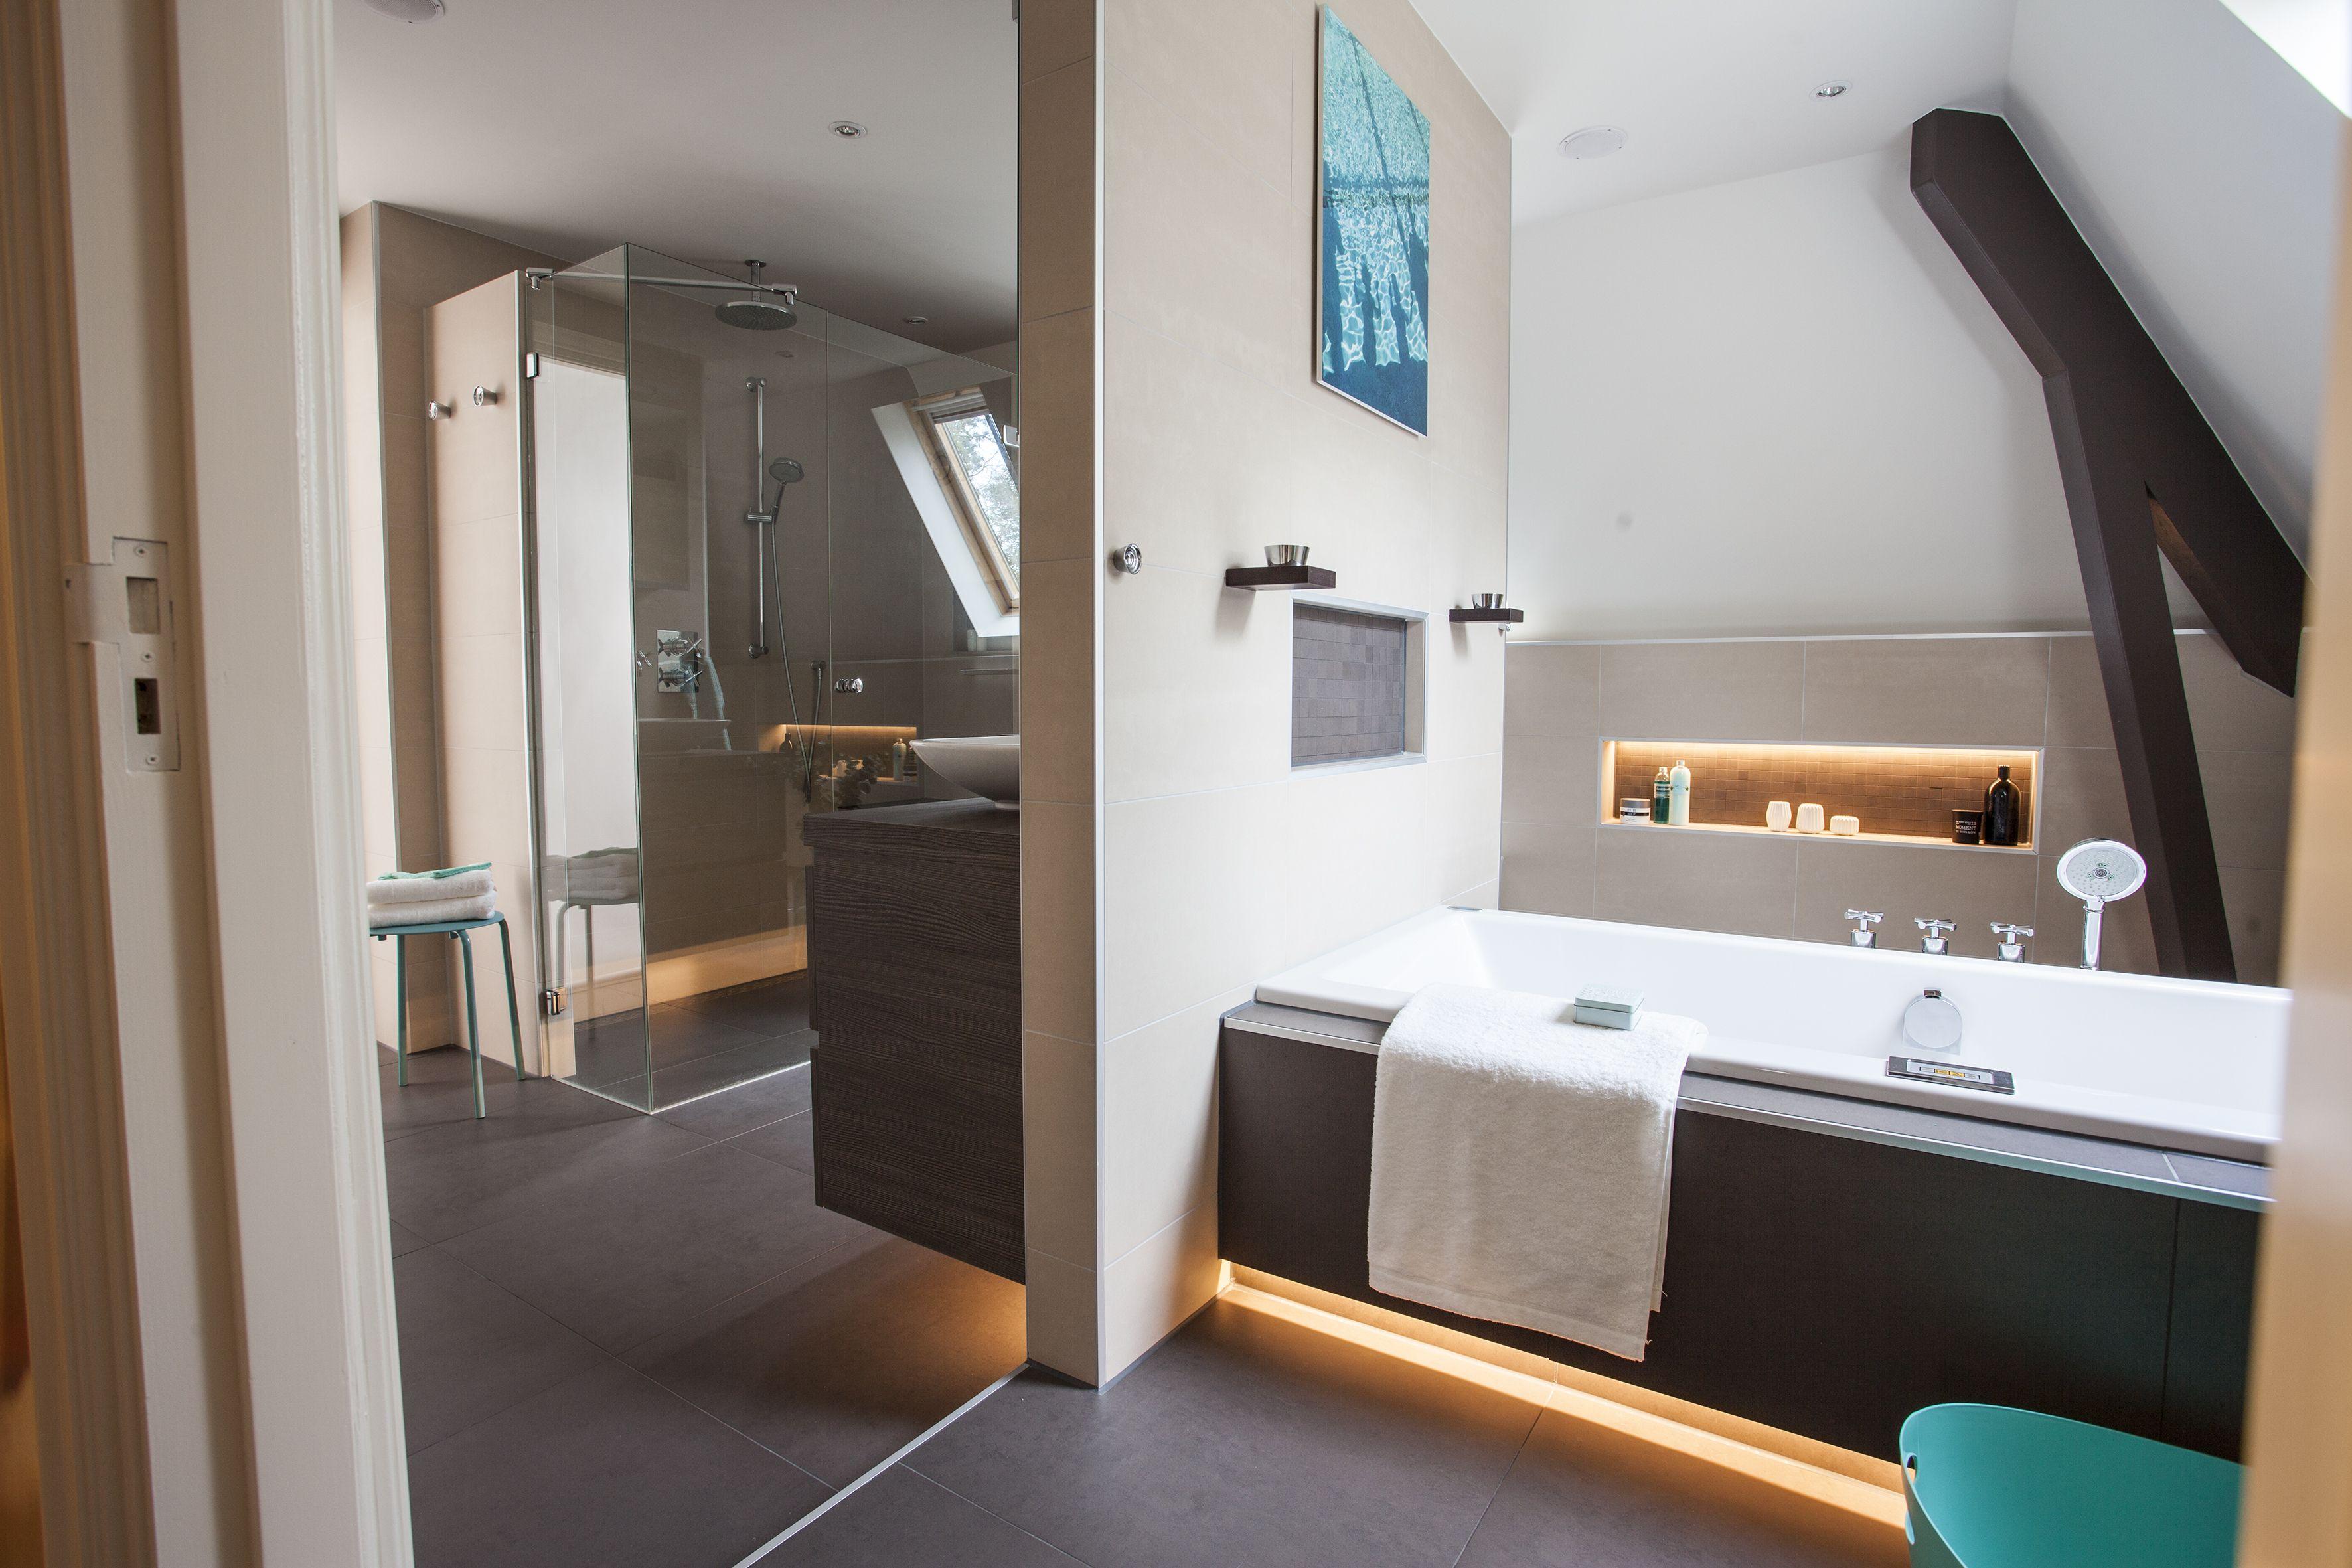 Een badkamer in een ruimte met een schuin dak baderie zolder dakramen daglichtsystemen - Idee outs kamer bad onder het dak ...